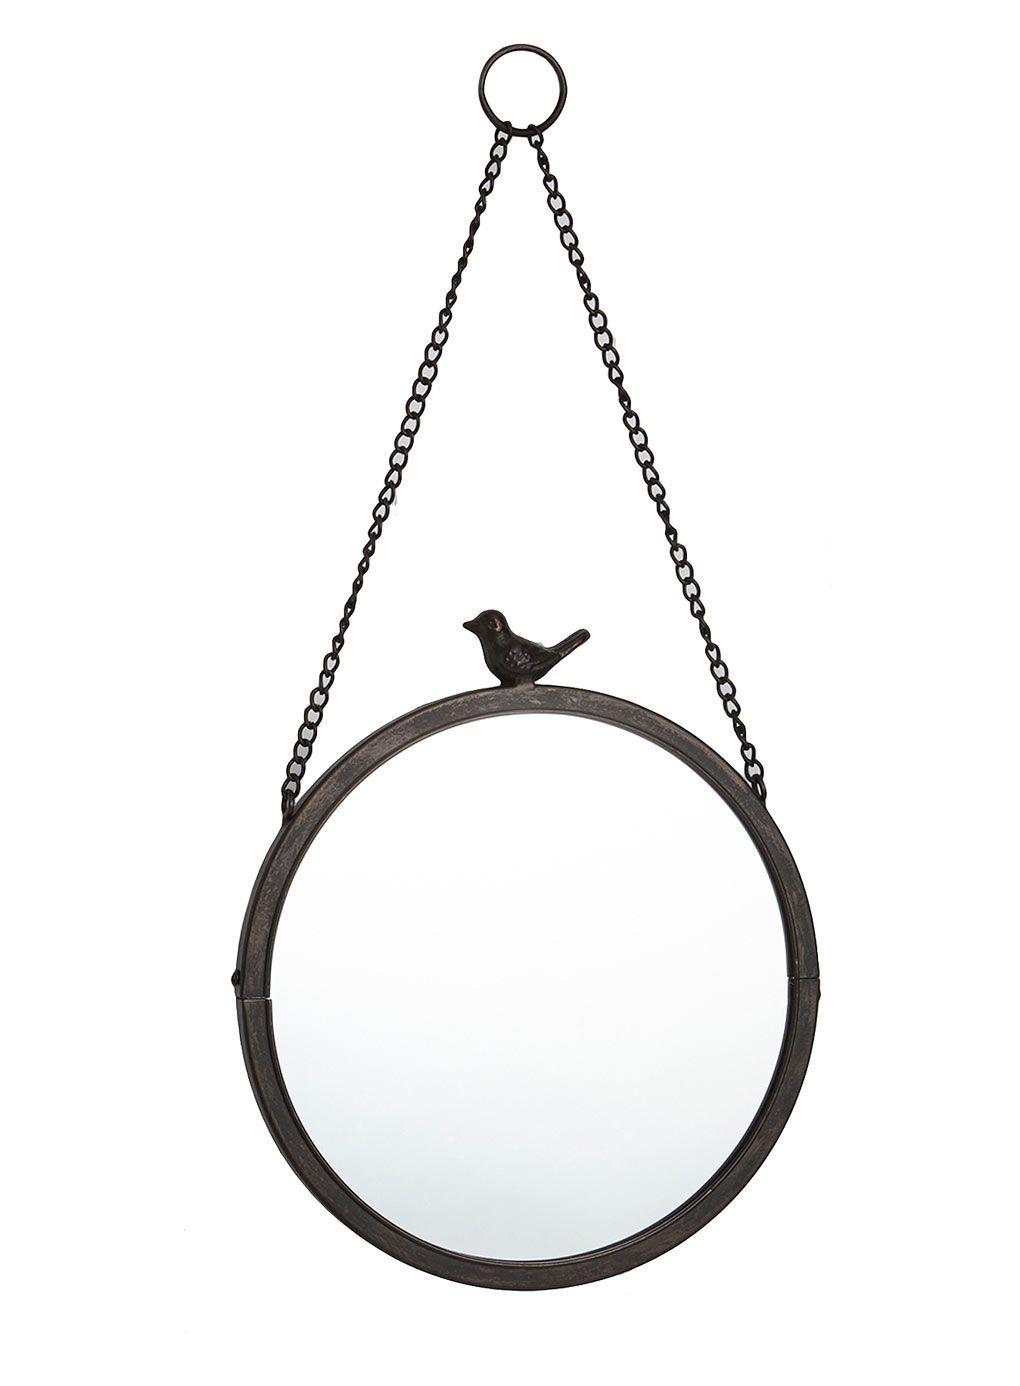 Bhs Bathroom Storage Bronze Vintage Curiosity Round Hanging Bird Top Mirror Bhs